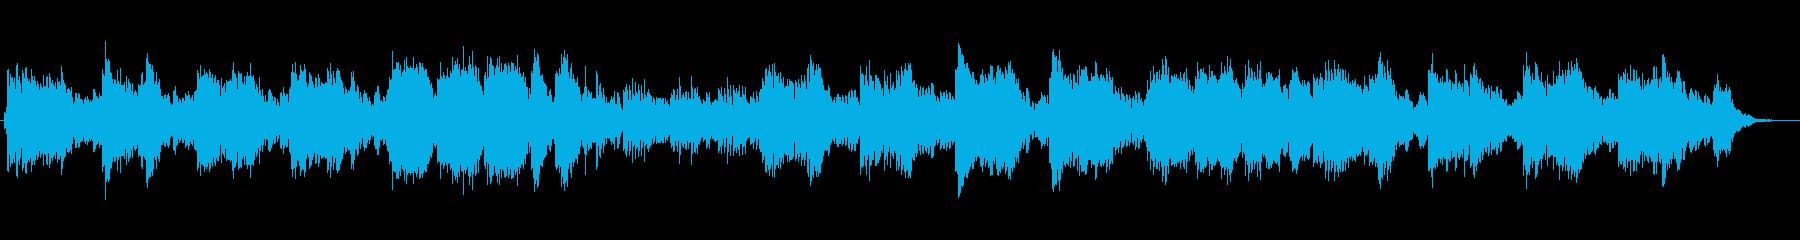 透明感と涼しげなシンセサイザーサウンドの再生済みの波形